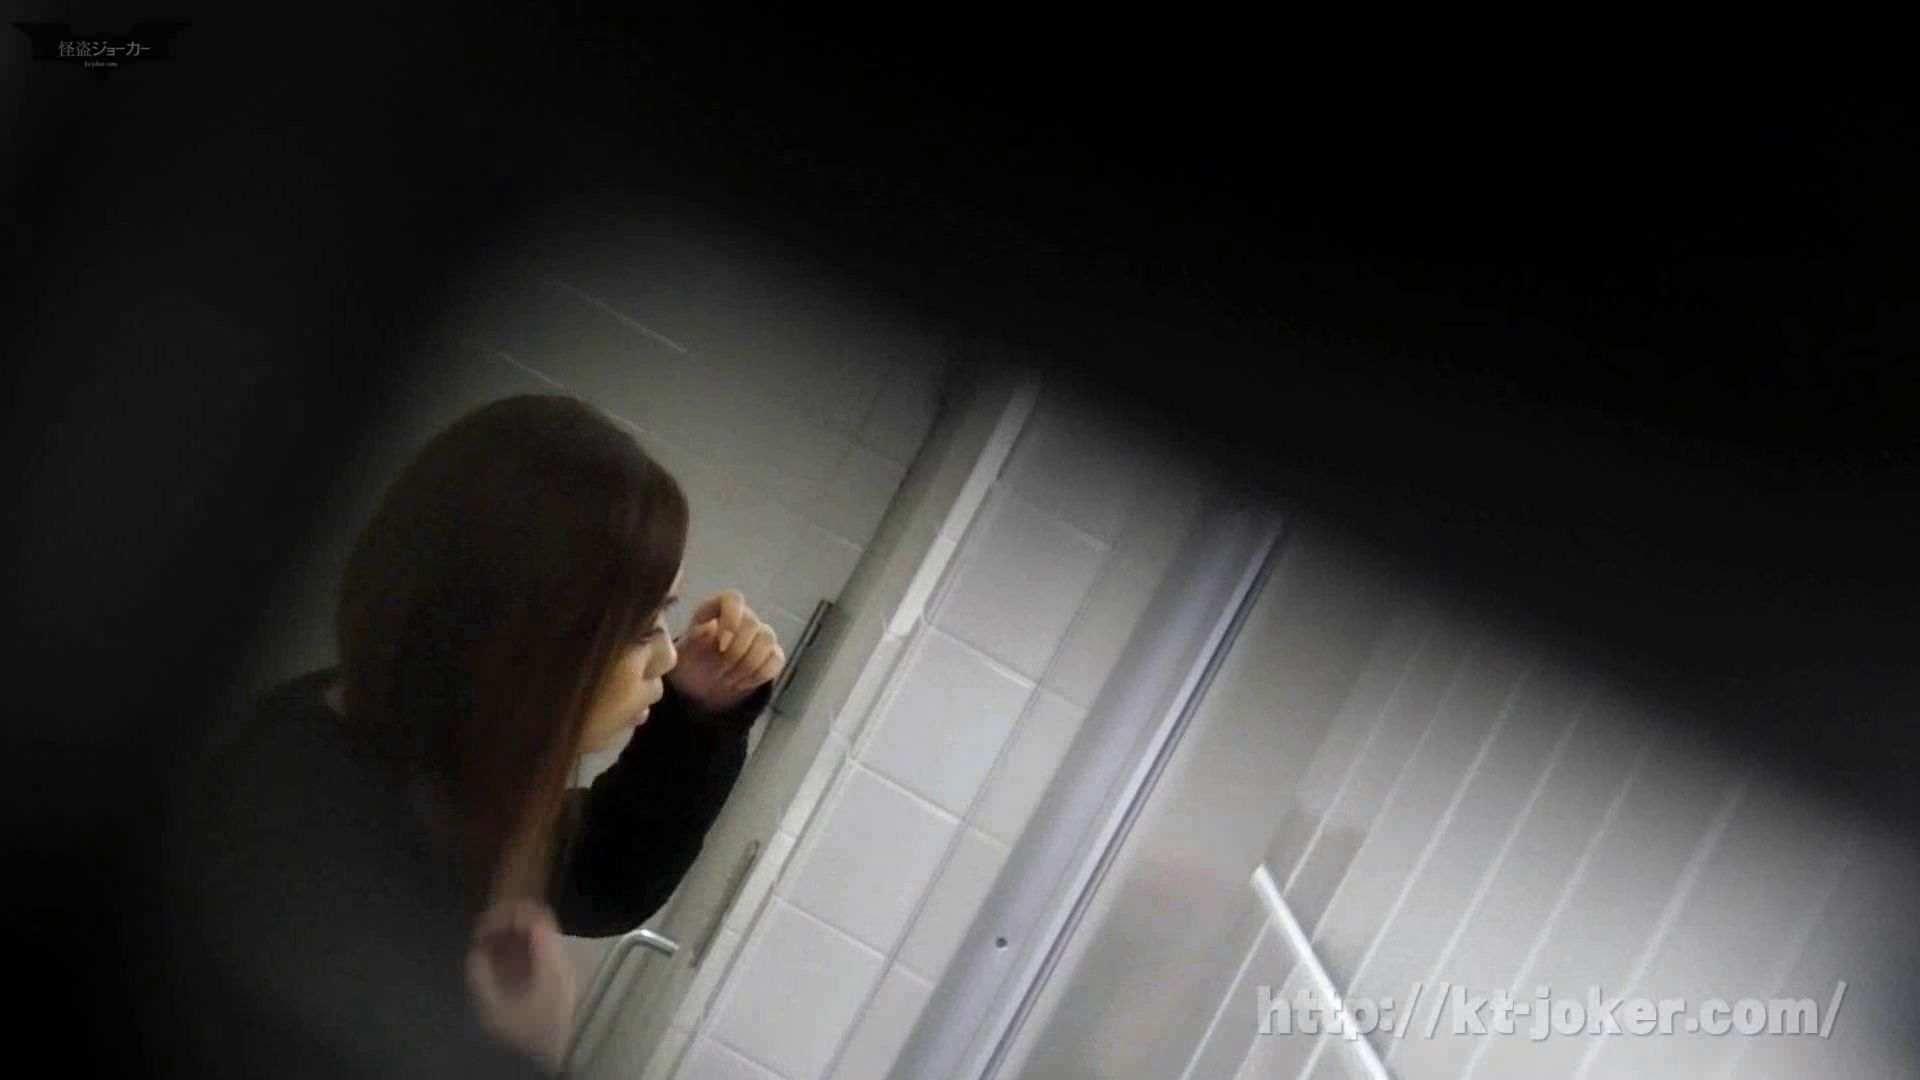 命がけ潜伏洗面所! vol.52 みなさんモリモリですね。 洗面所 盗撮おめこ無修正動画無料 73画像 71